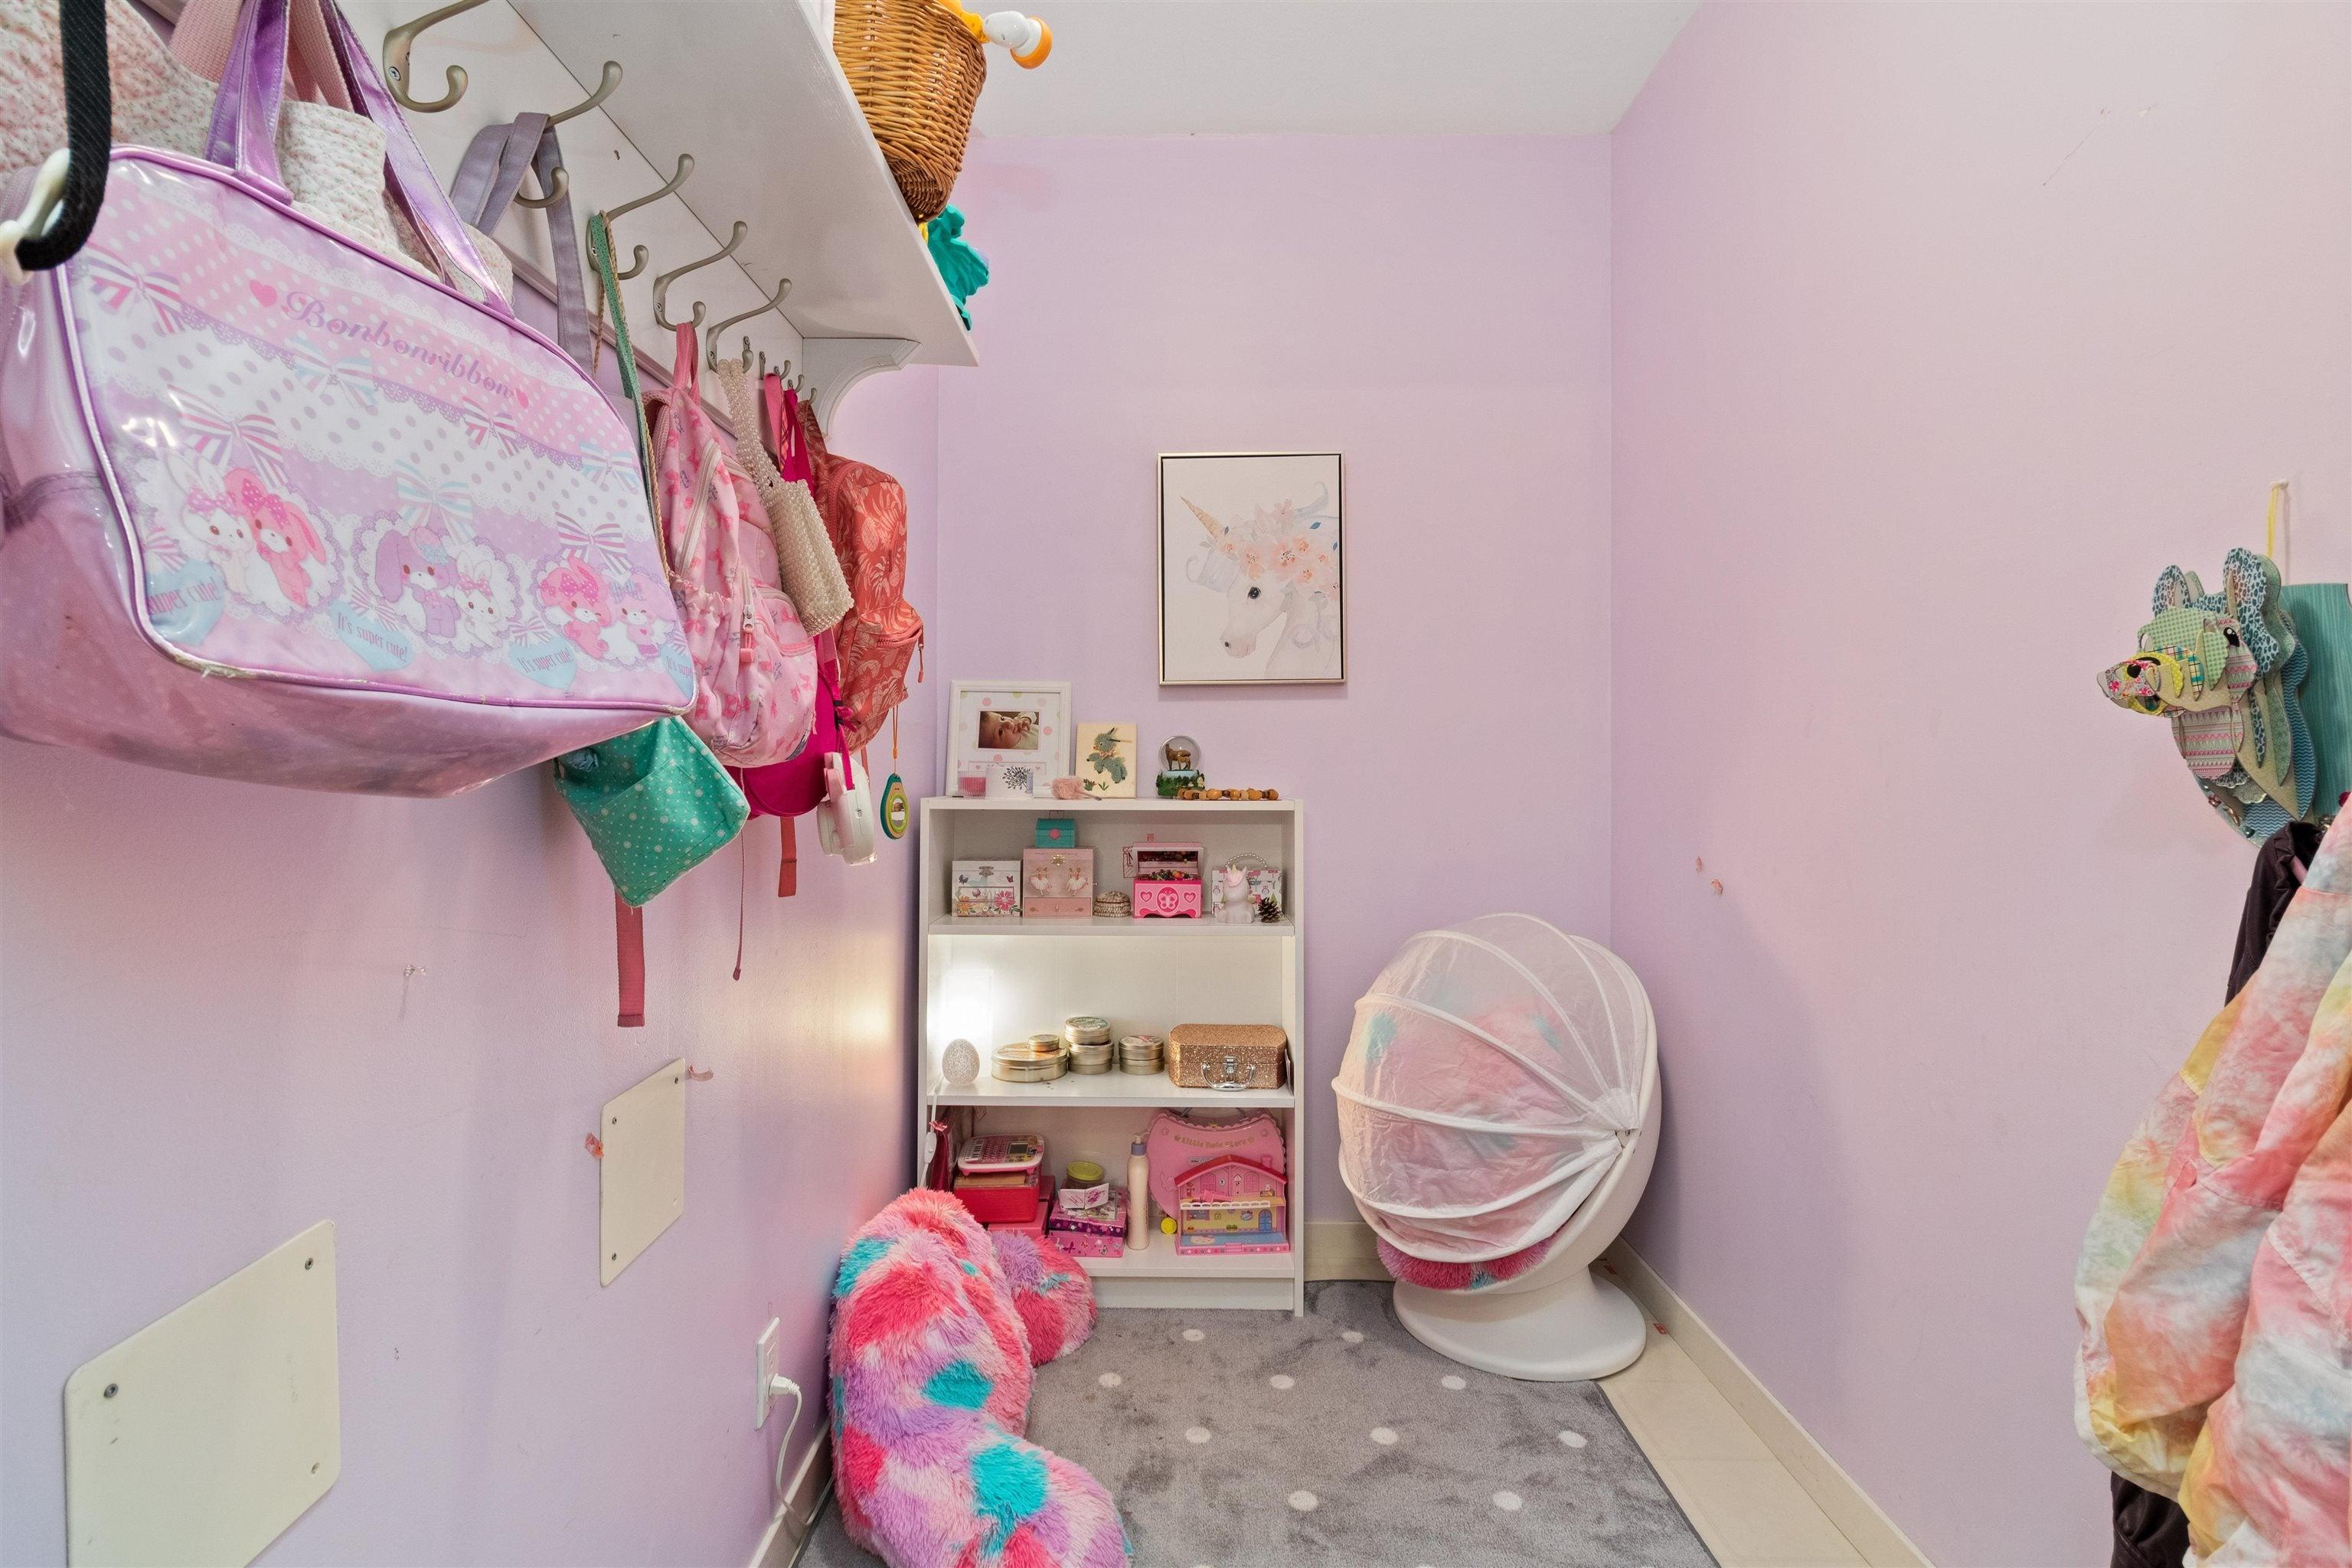 209 2228 MARSTRAND AVENUE - Kitsilano Apartment/Condo for sale, 1 Bedroom (R2617246) - #17